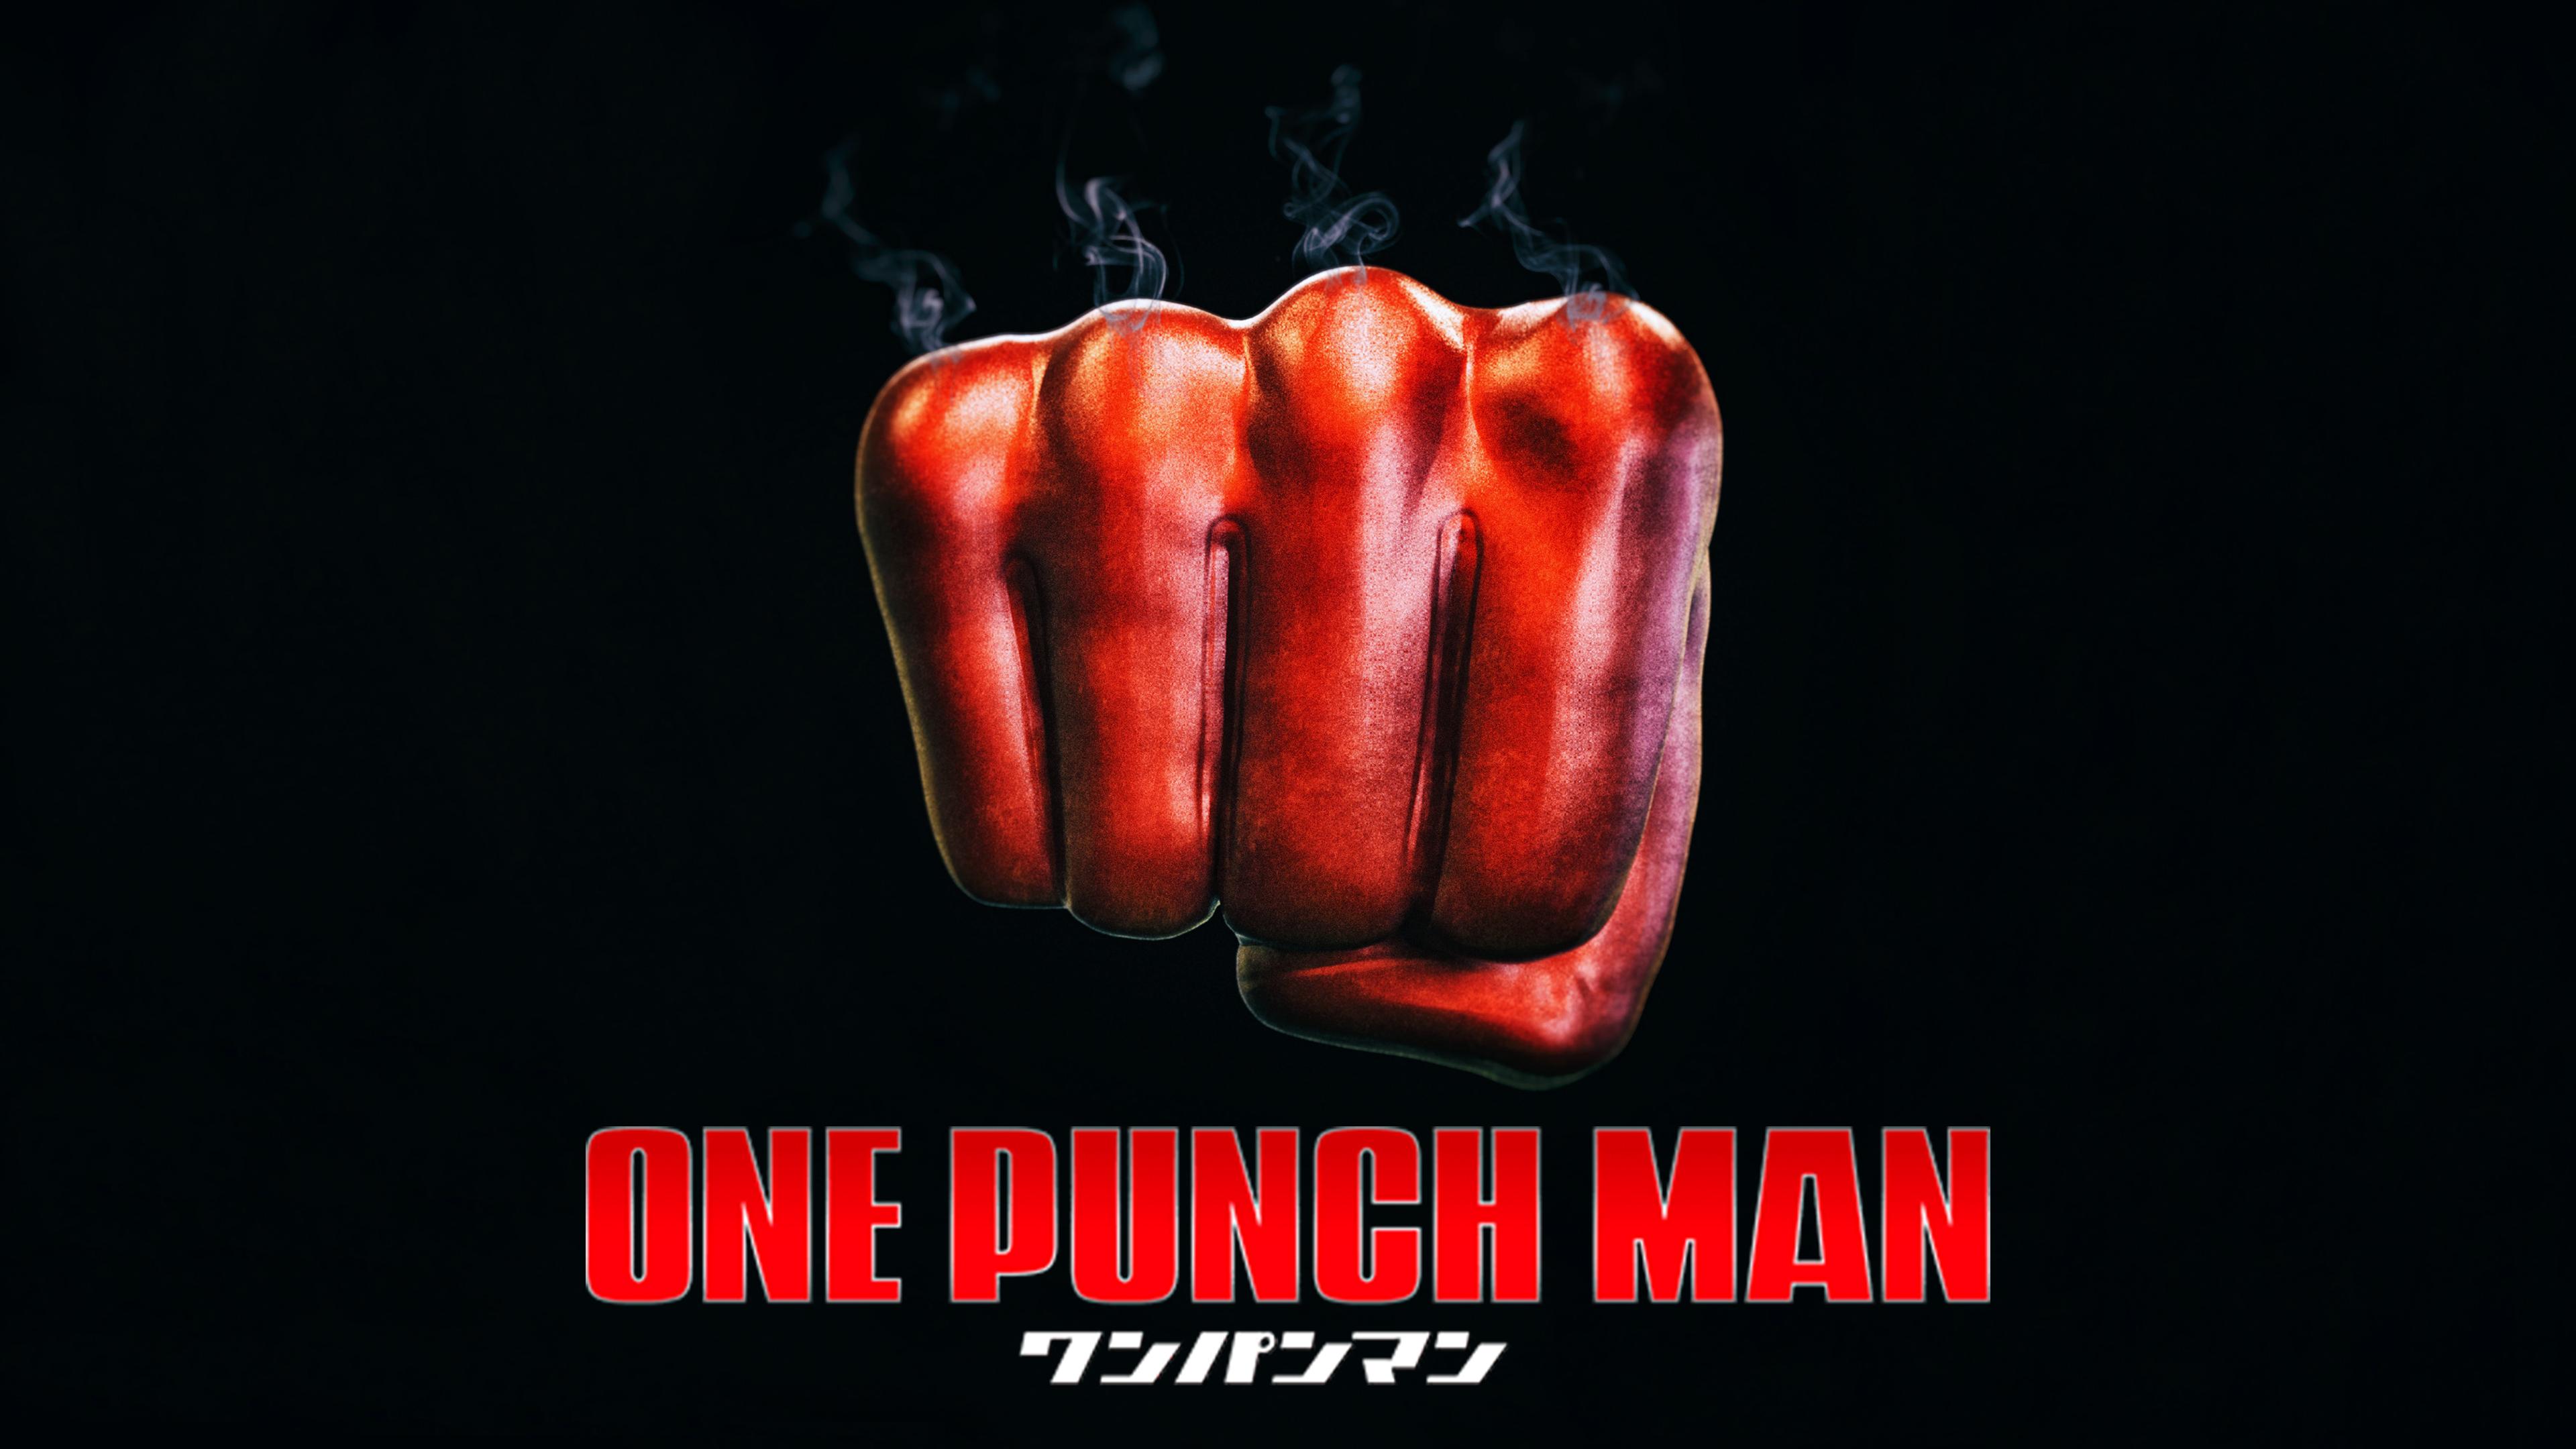 One Punch Man Wallpaper By Denisninja 0009 4k Ultra Hd